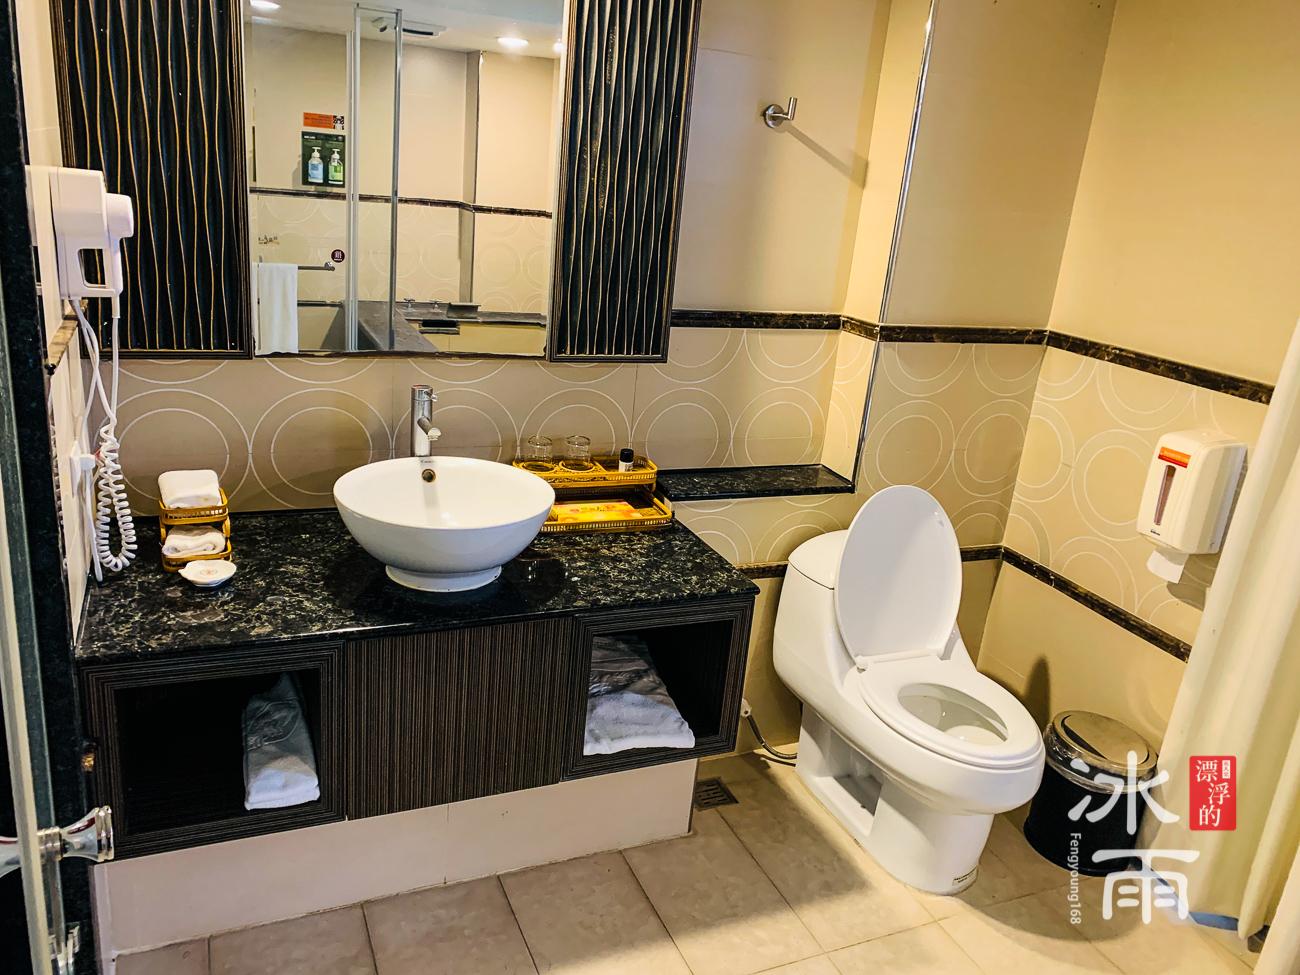 川湯春天溫泉飯店德陽館 廁所設備